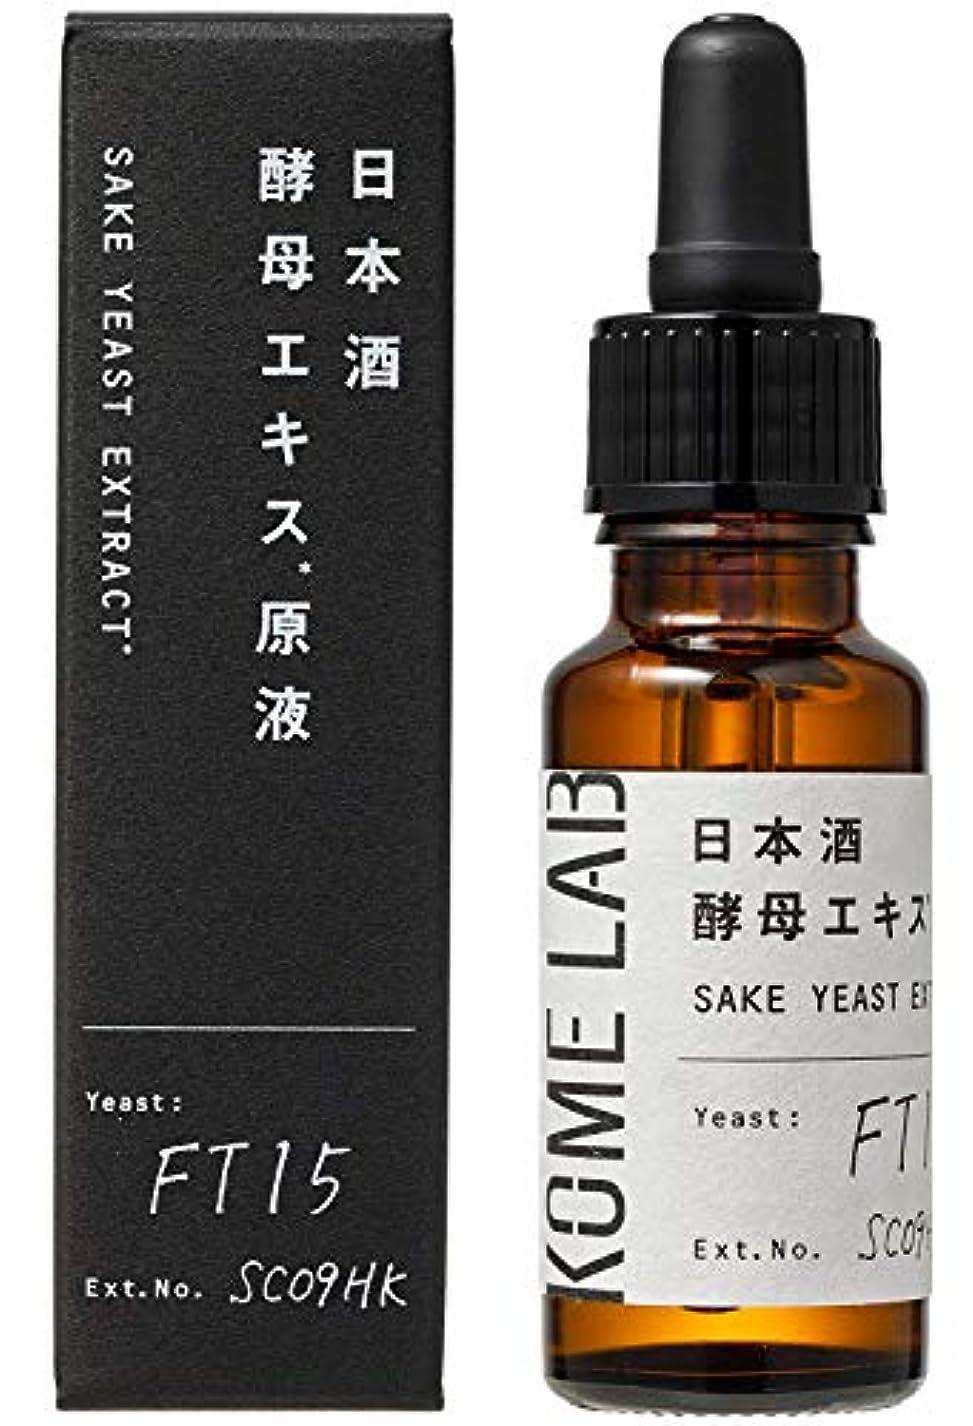 含むなかなか顎KOME LAB(コメラボ) コメラボ 日本酒酵母エキス原液 美容液 20ml